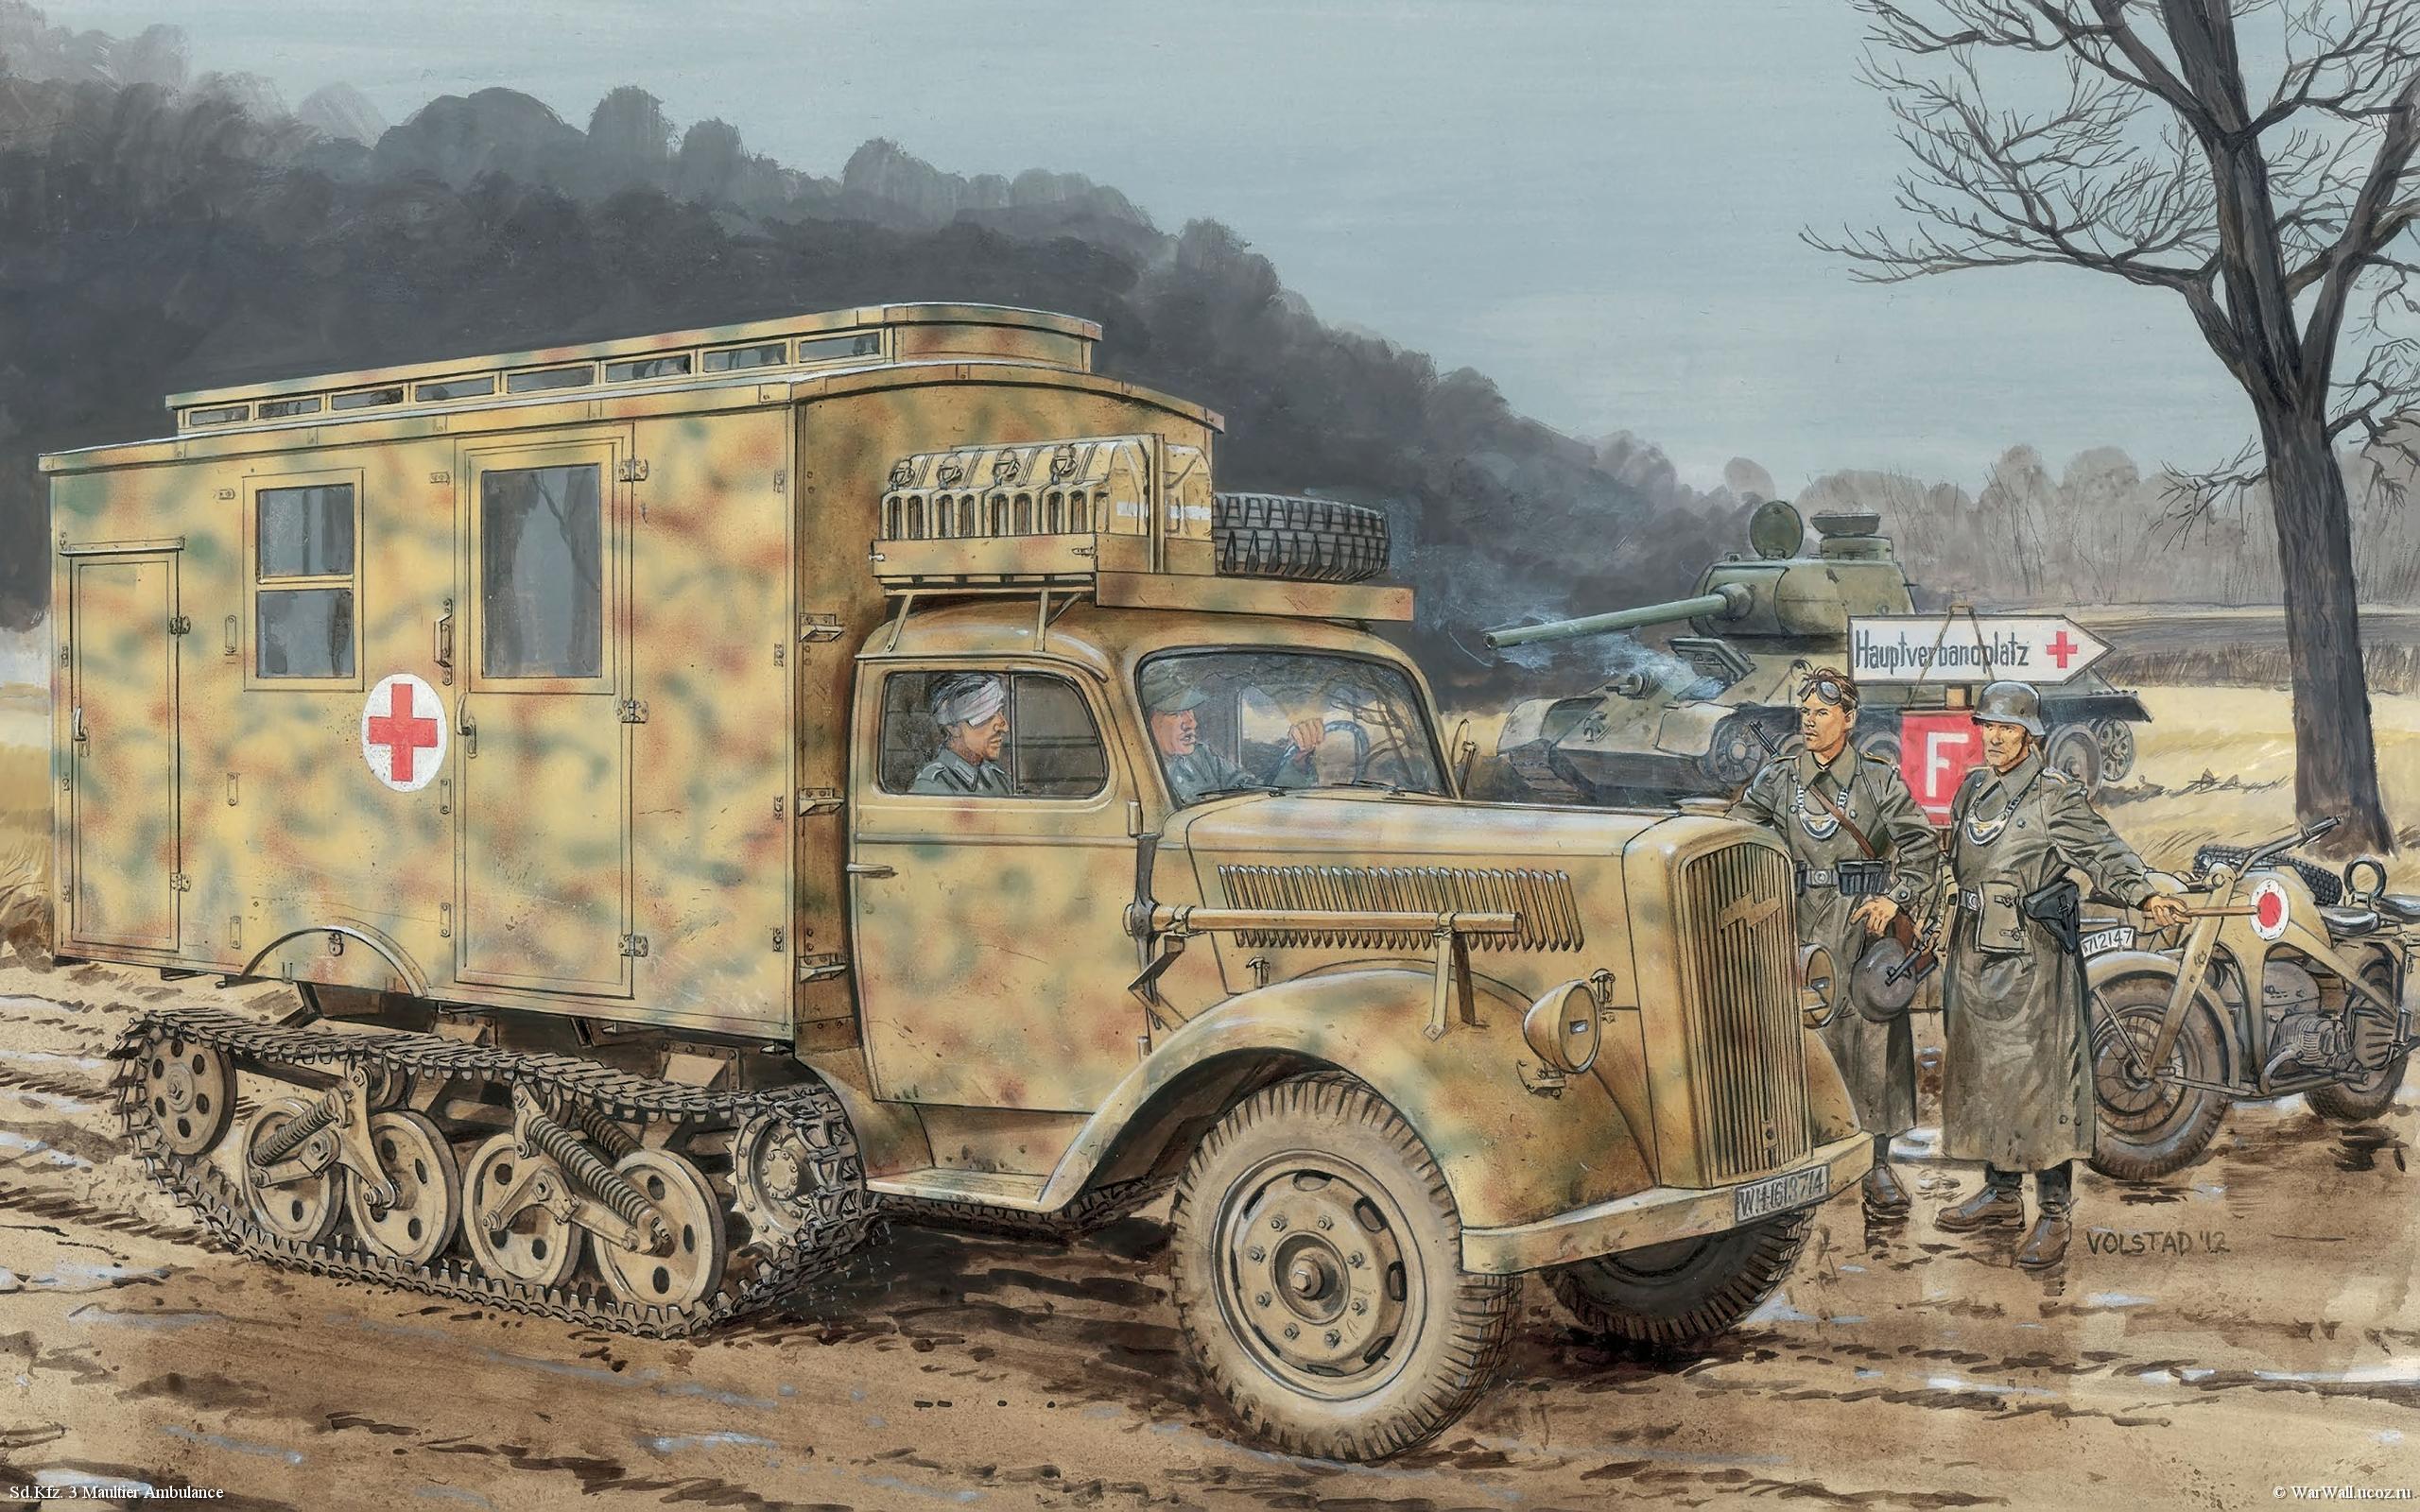 Volstad Ronald. Полугусеничный транспортер Sd.Kfz. 3 Maultier Ambulance.